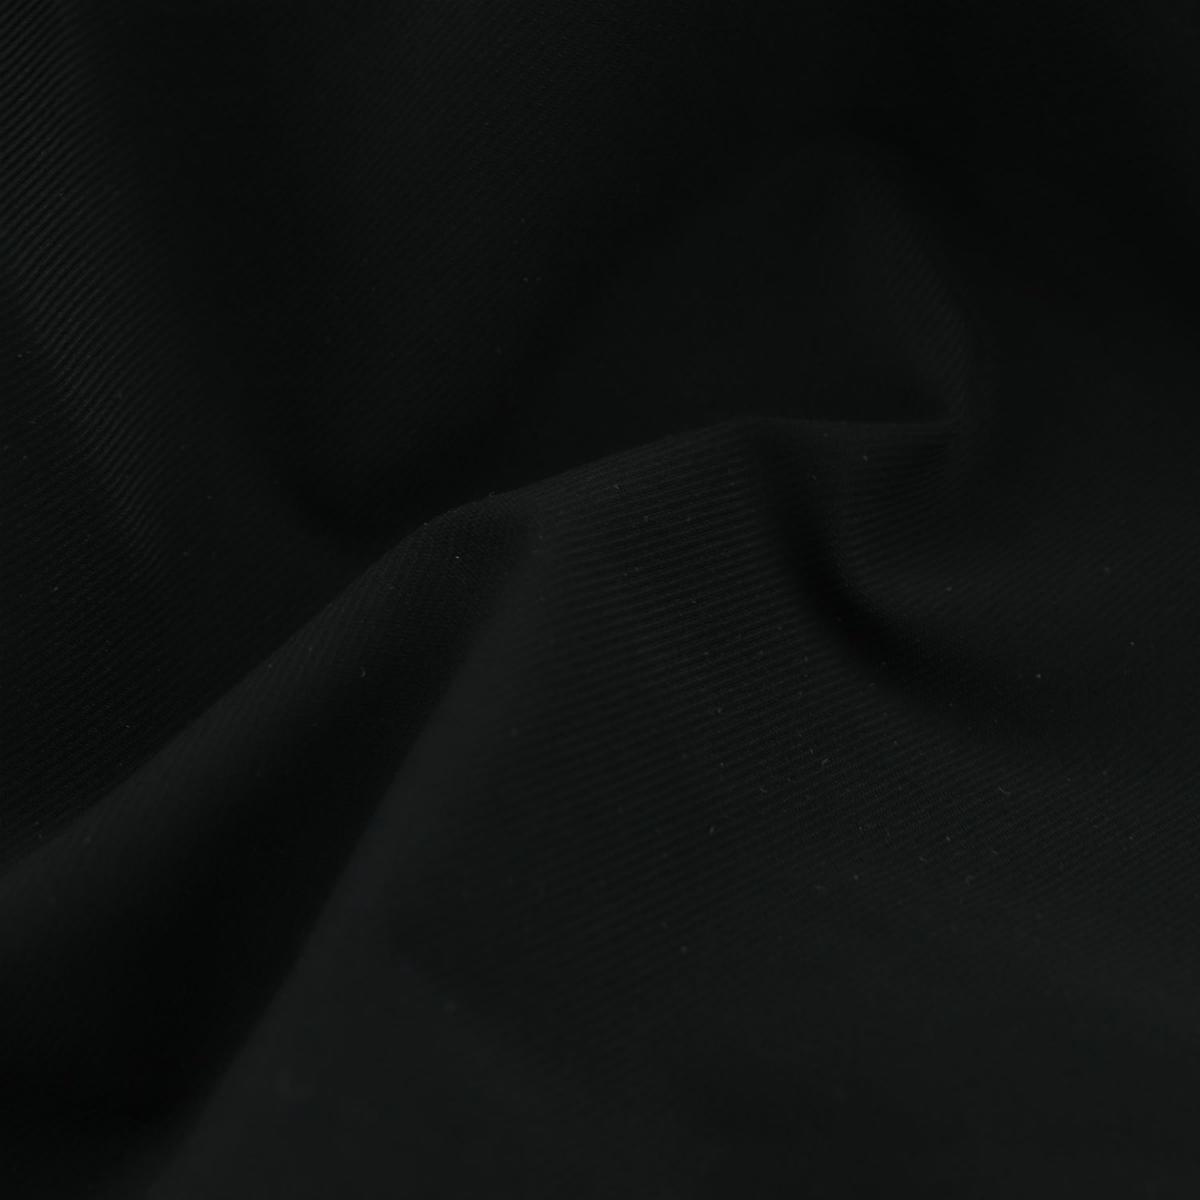 ピーエムディーエス P.M.D.S. PMDS メンズ ハイパーストレッチ ナイロン ジャージーショートパンツ INVISIBLE LY/S PMD T-568 110591274043 NERO 02(ブラック) 春夏新作